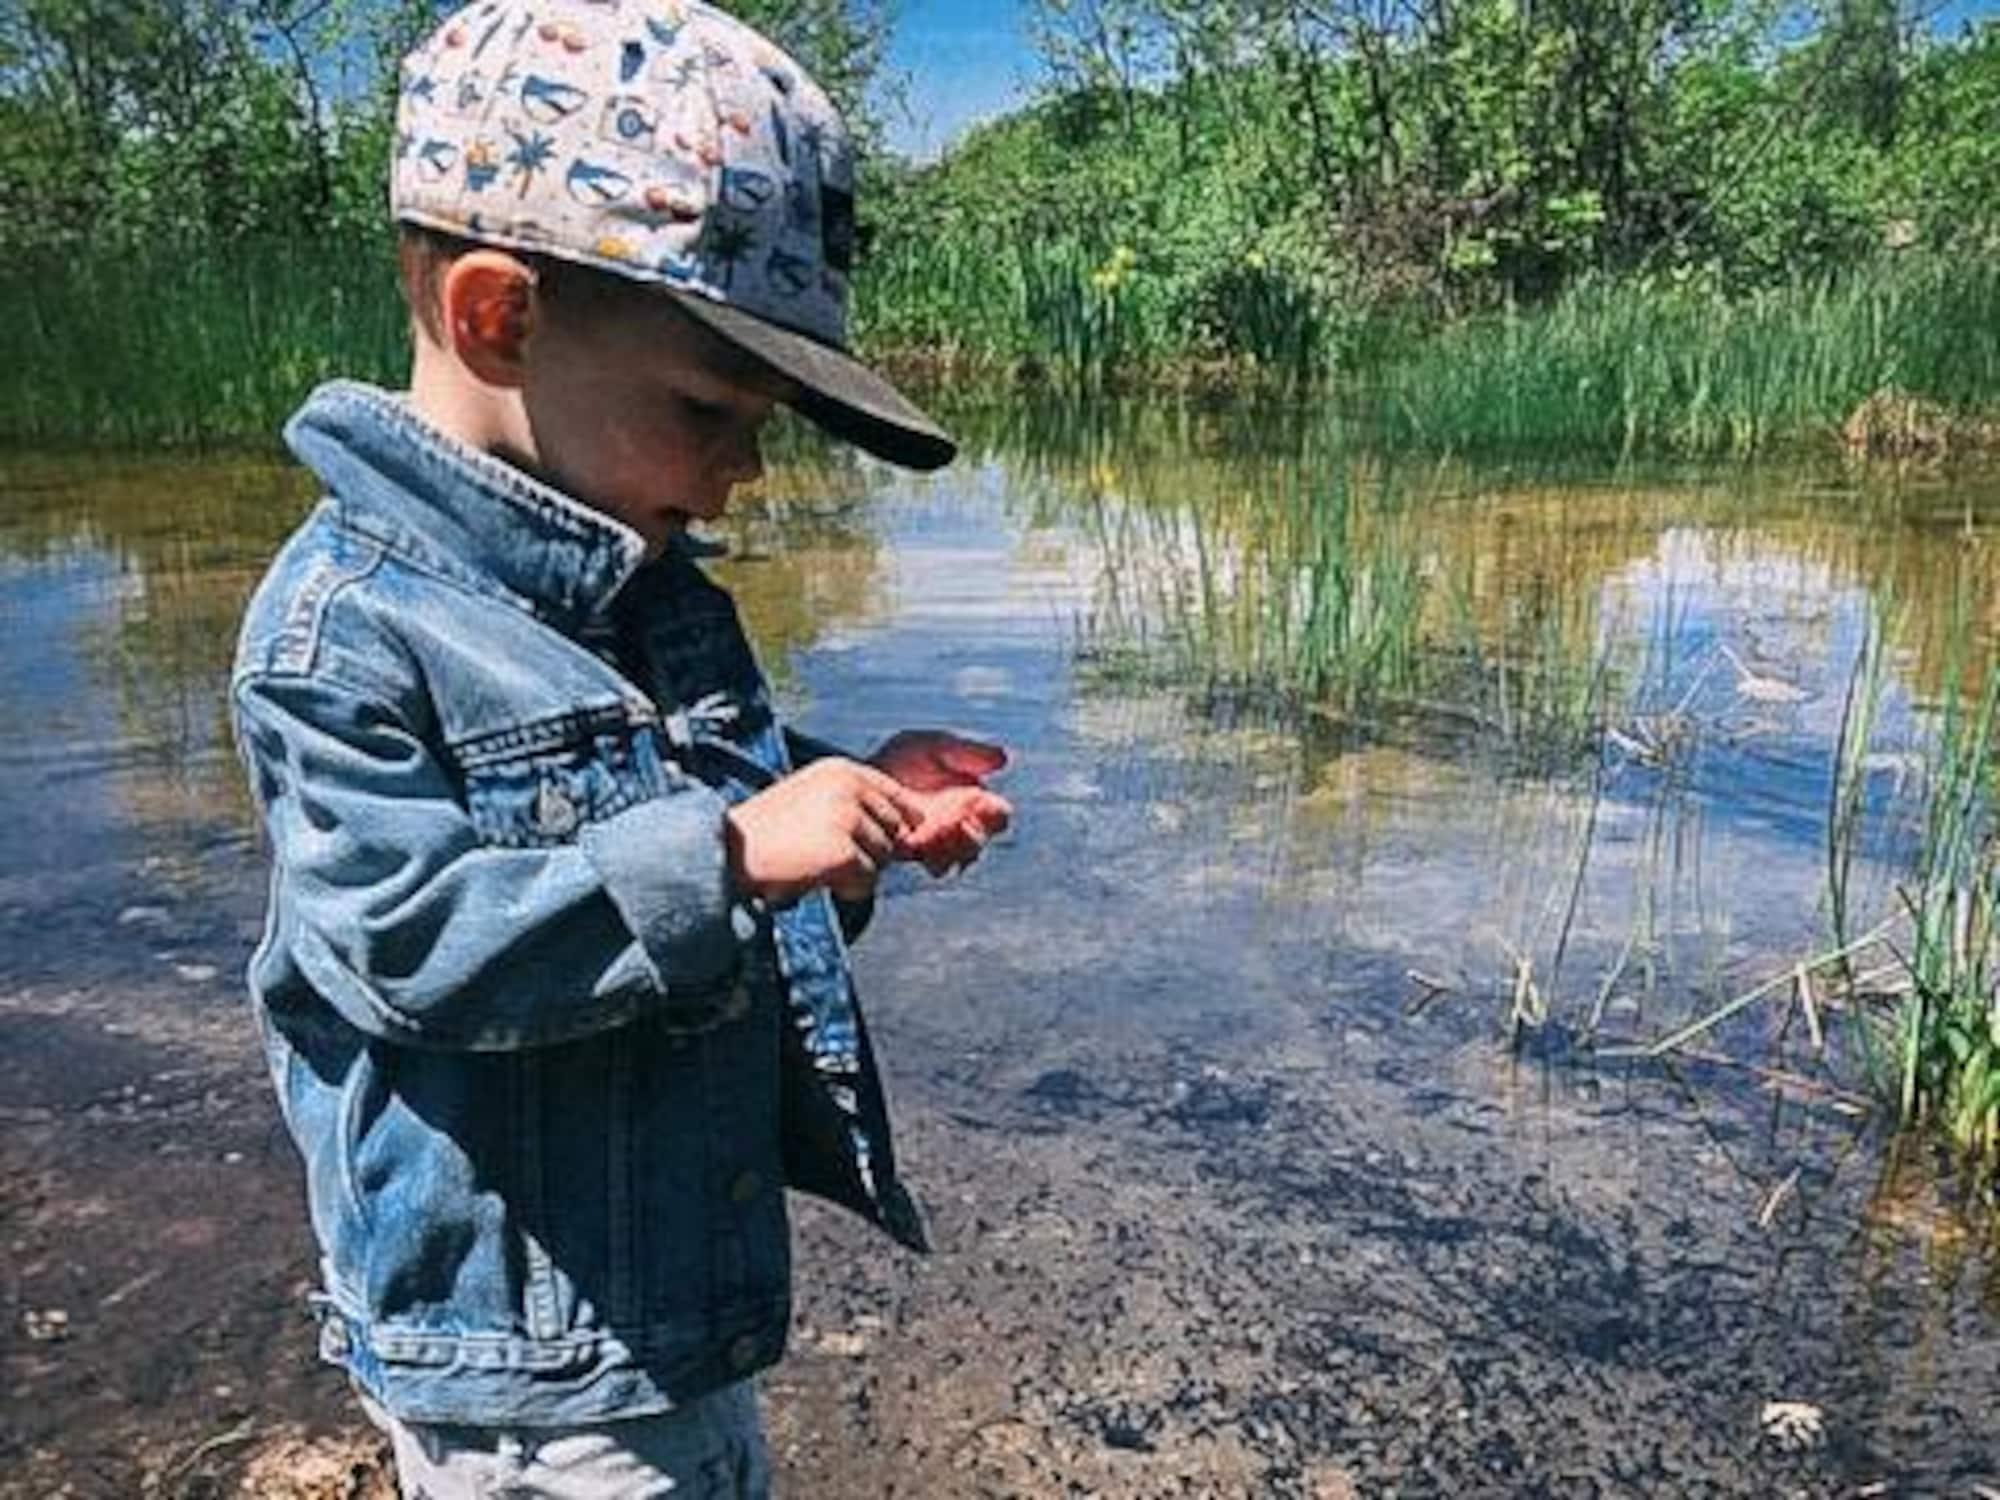 Grey, le fils de Jean-Luc Brassard, joue en bordure d'un cours d'eau.